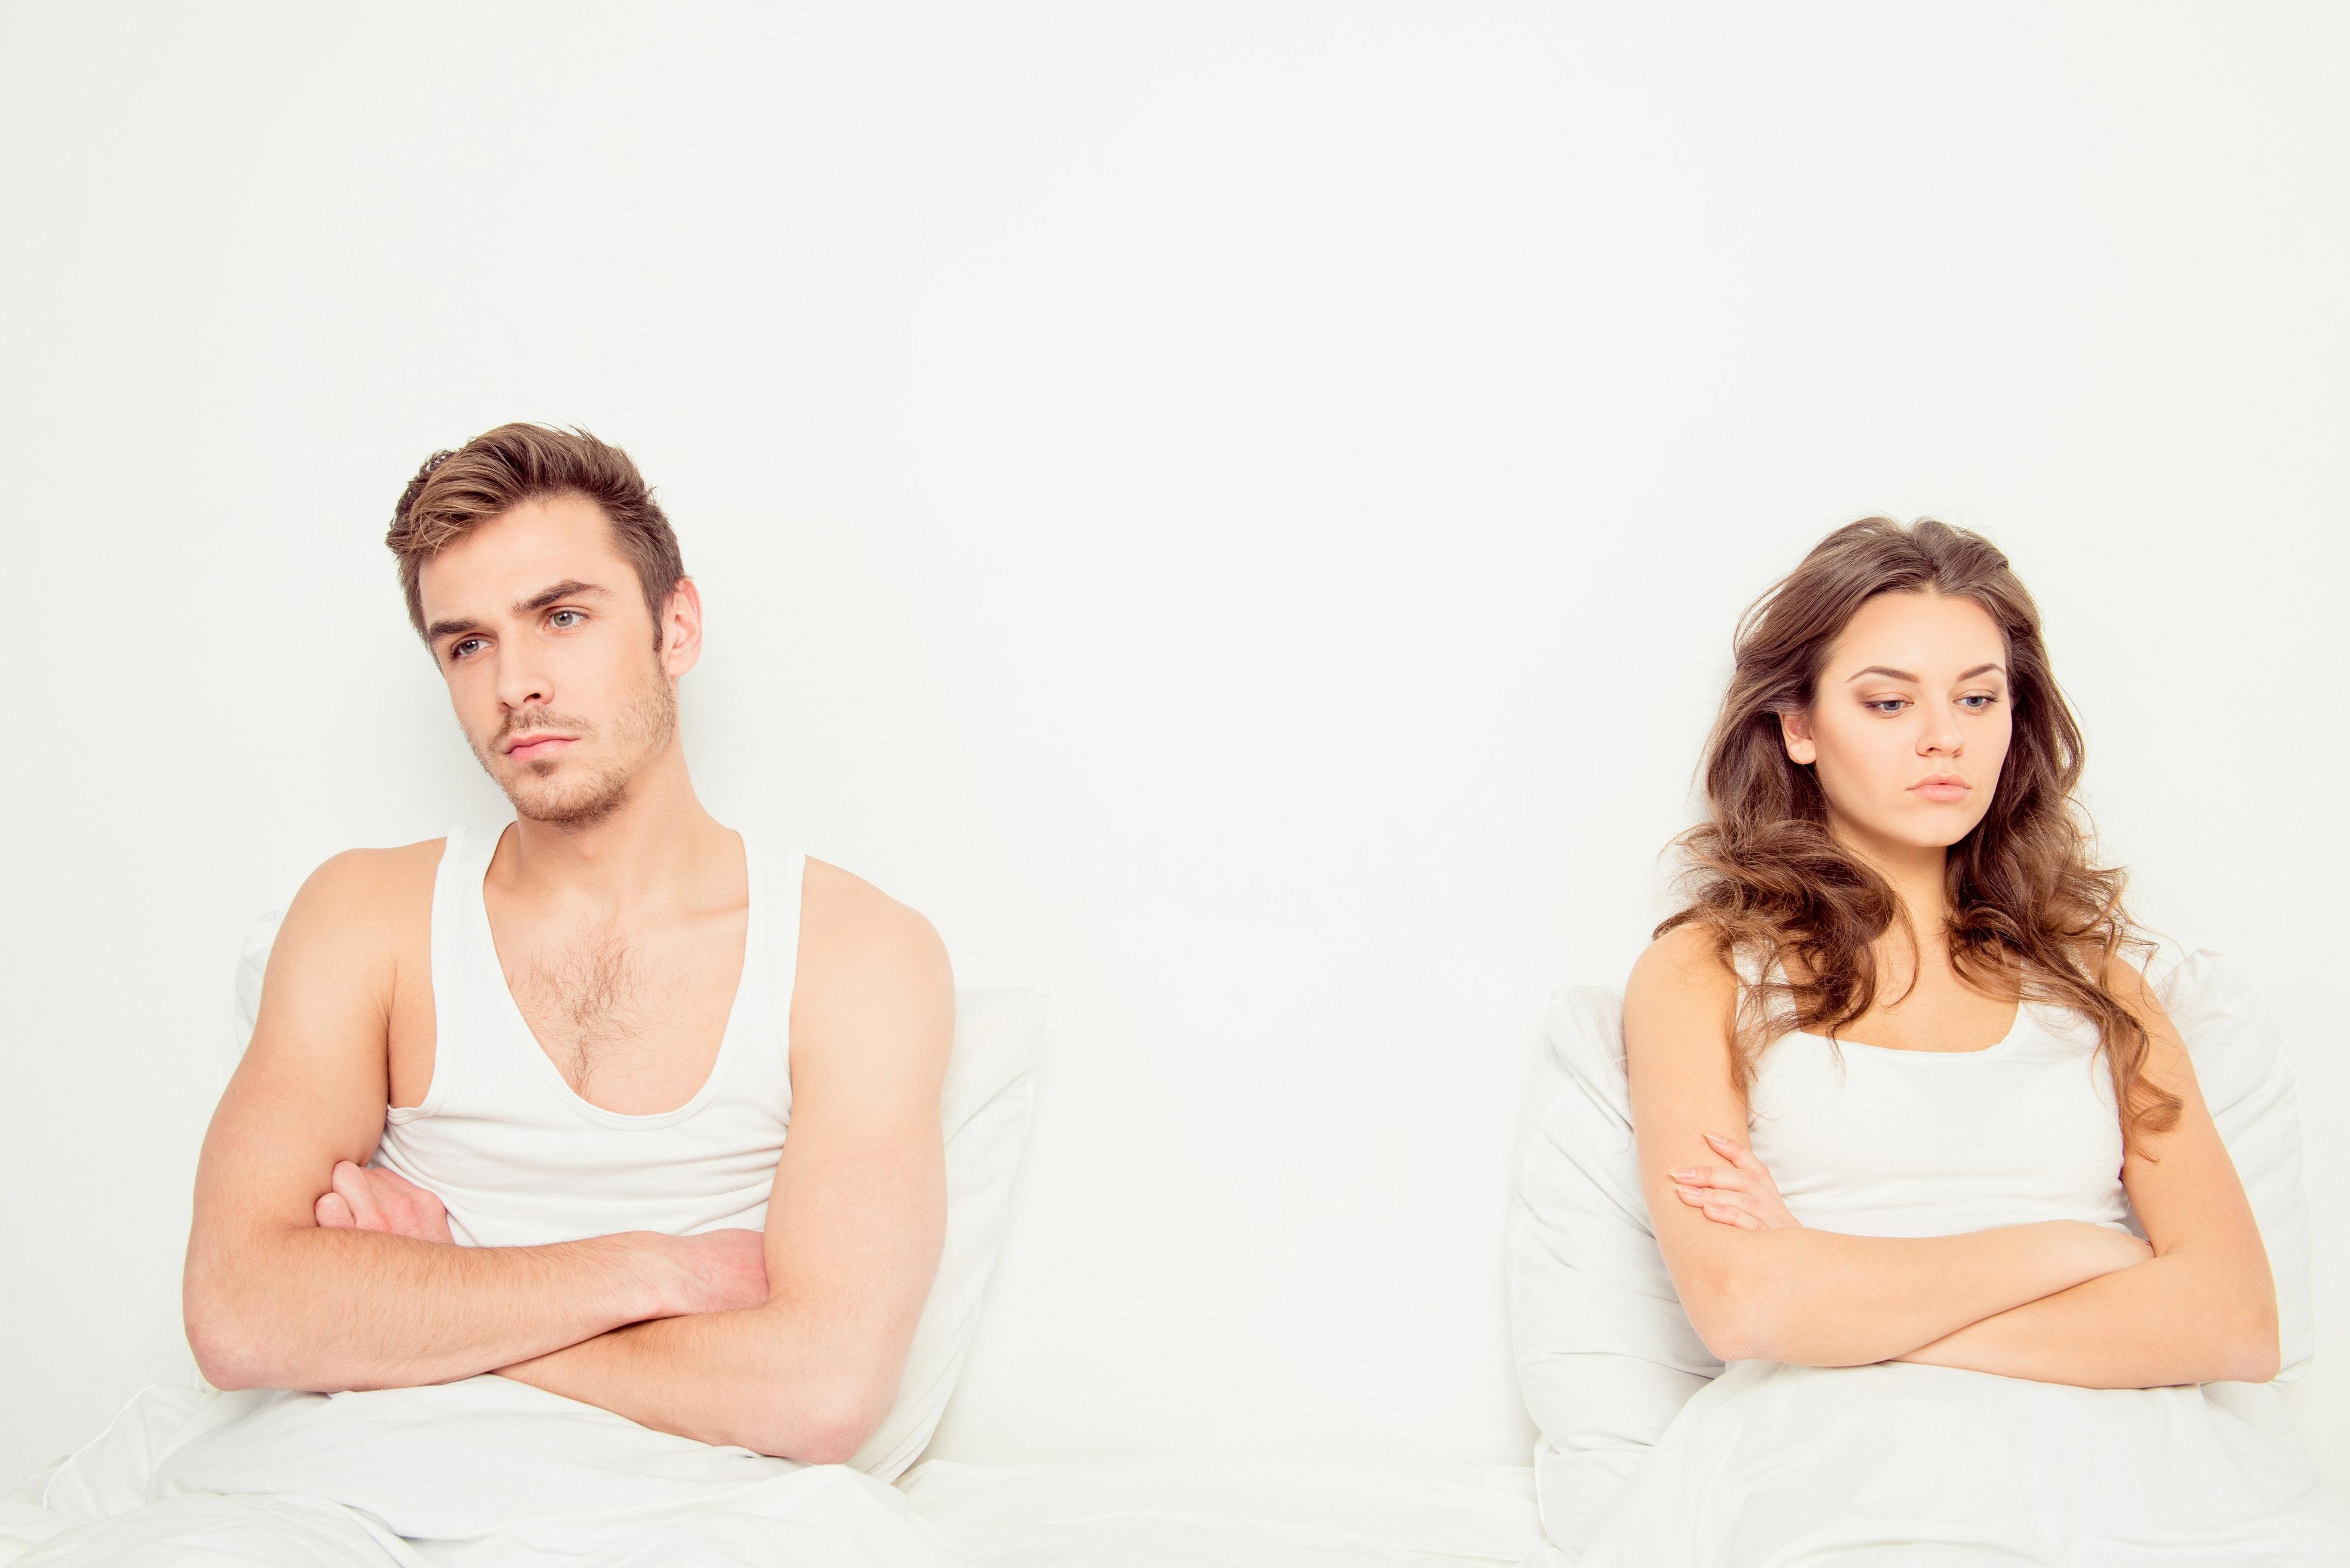 find a date par søger kvinde til sex